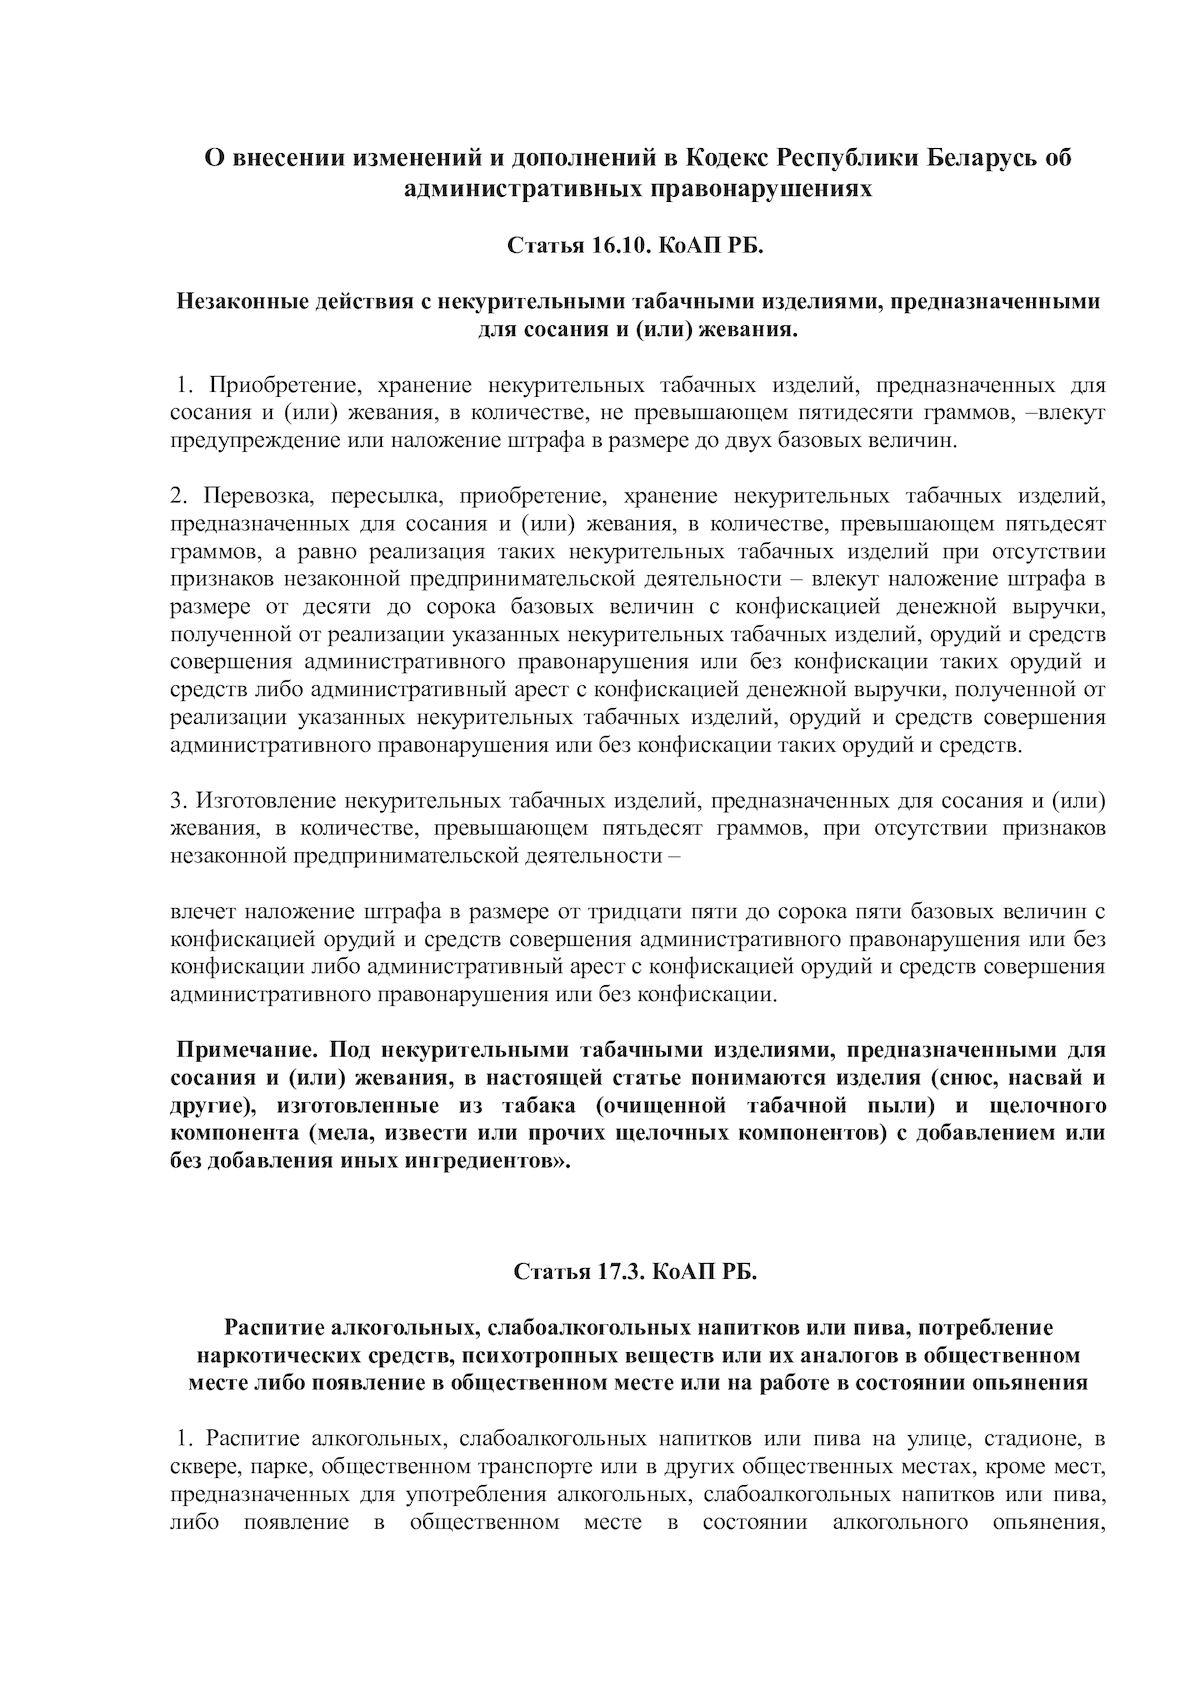 Кодекс об административных правонарушениях табачные изделия электронная сигарета джаст купить